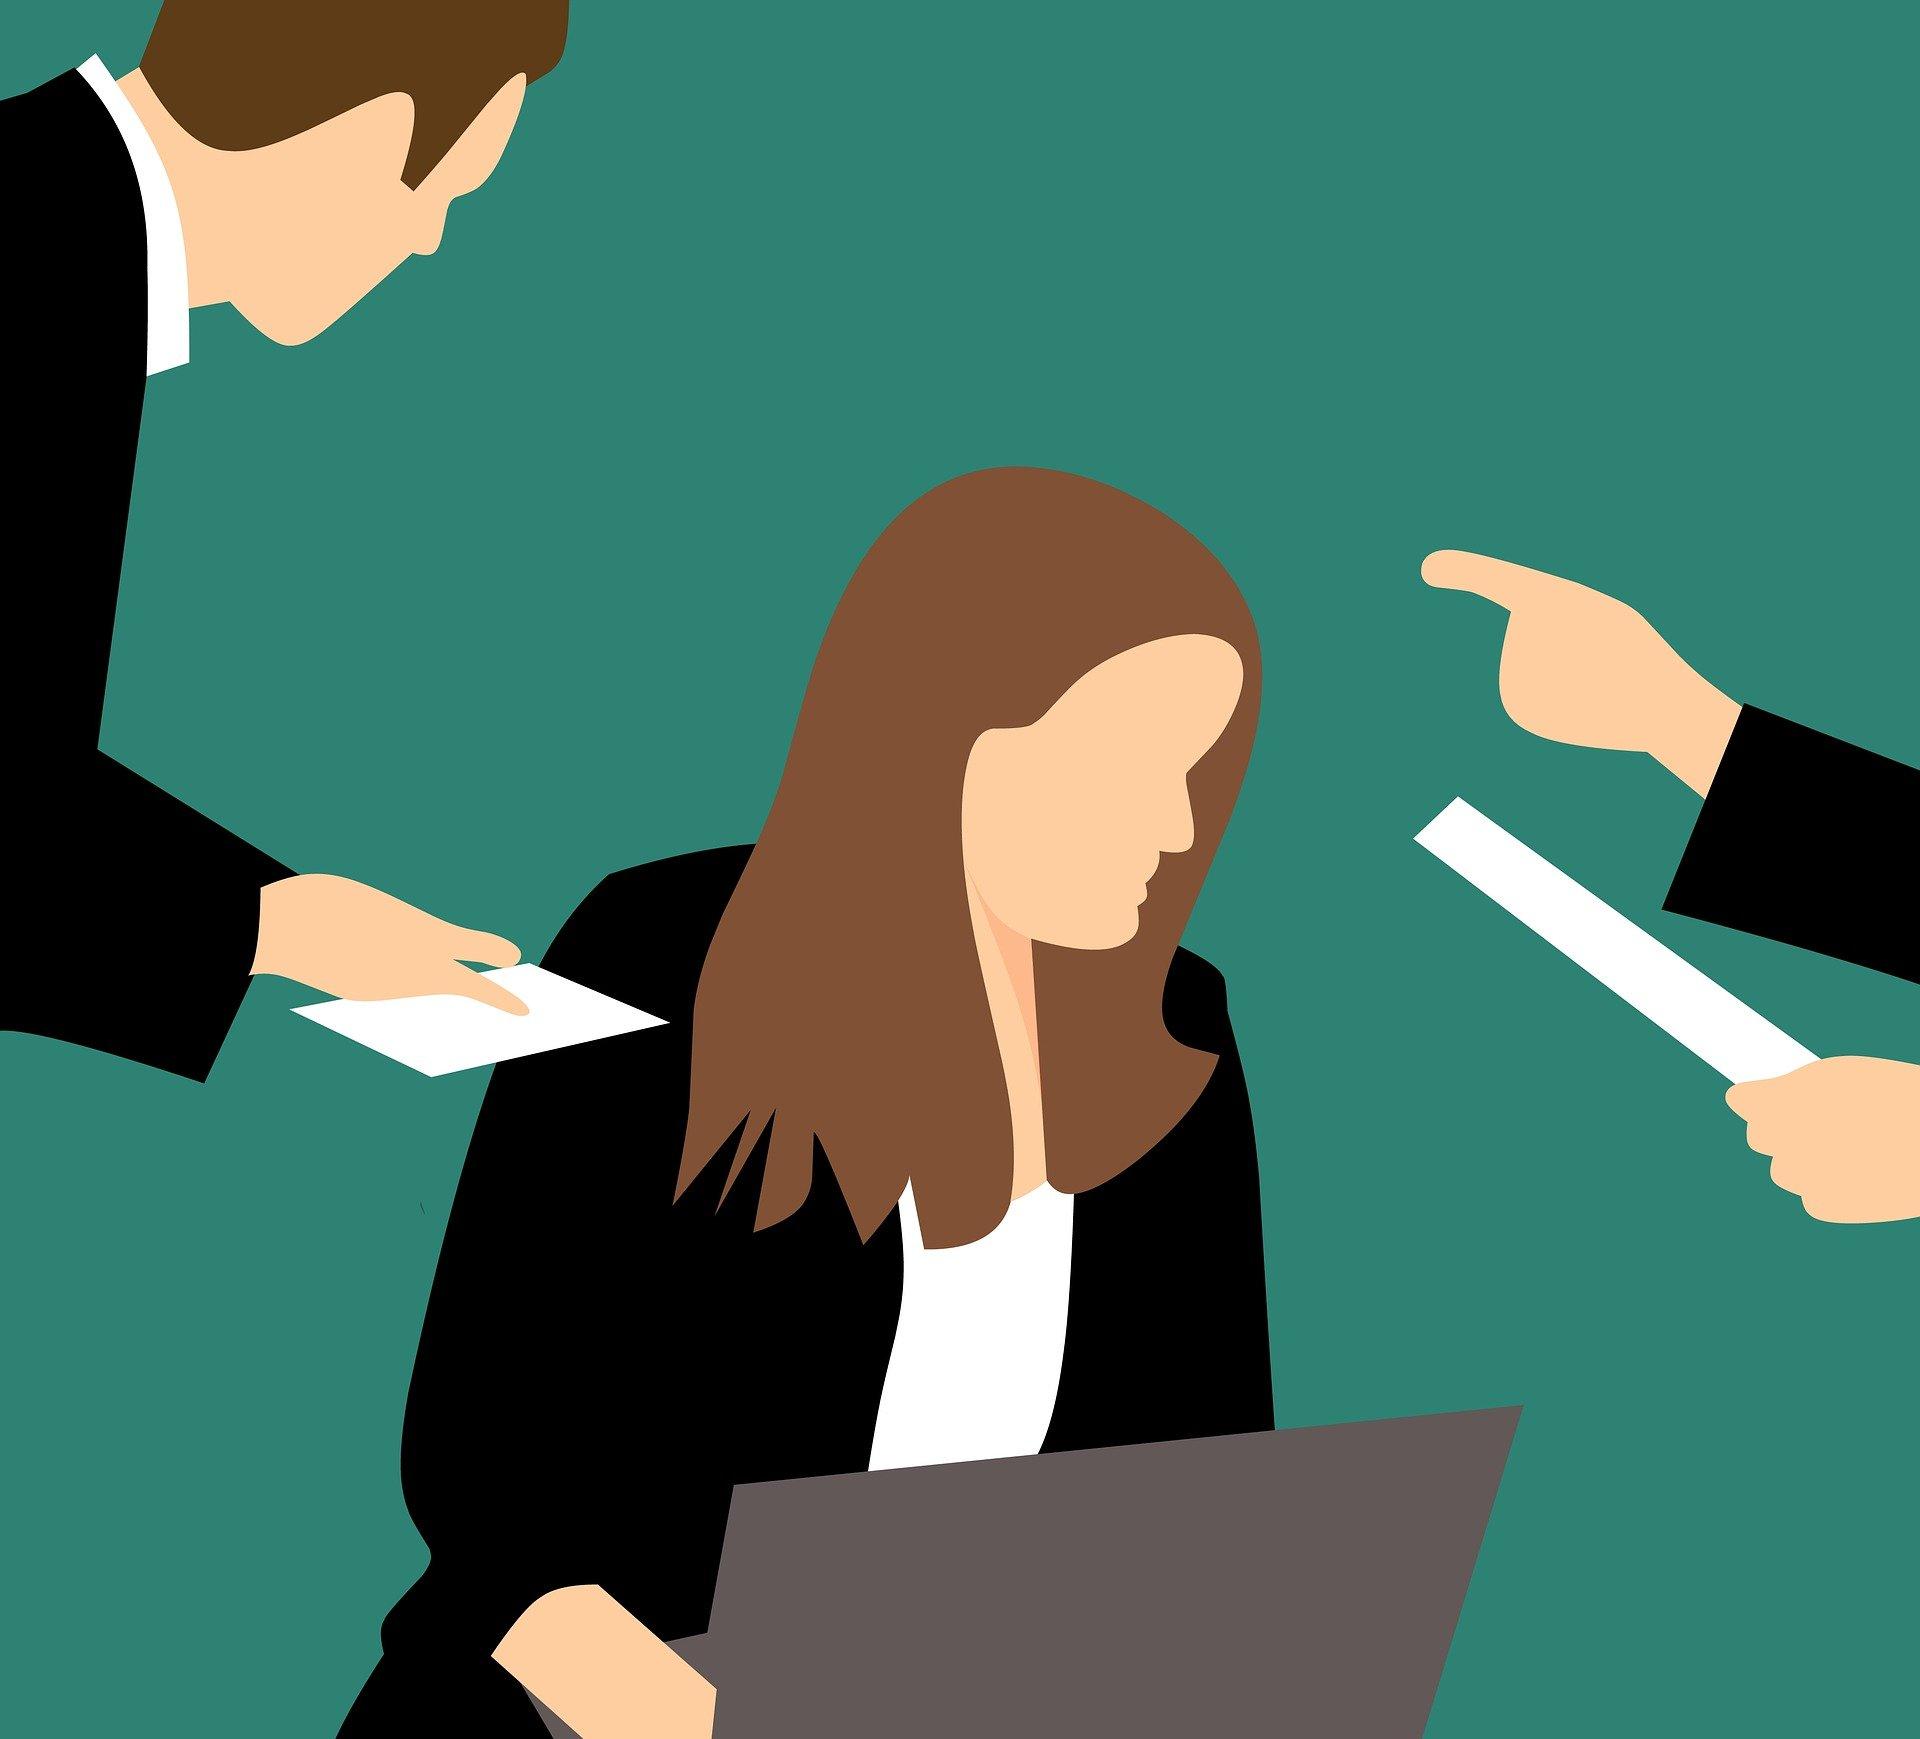 La pression sur les objectifs et le « flicage » peuvent caractériser un harcèlement moral